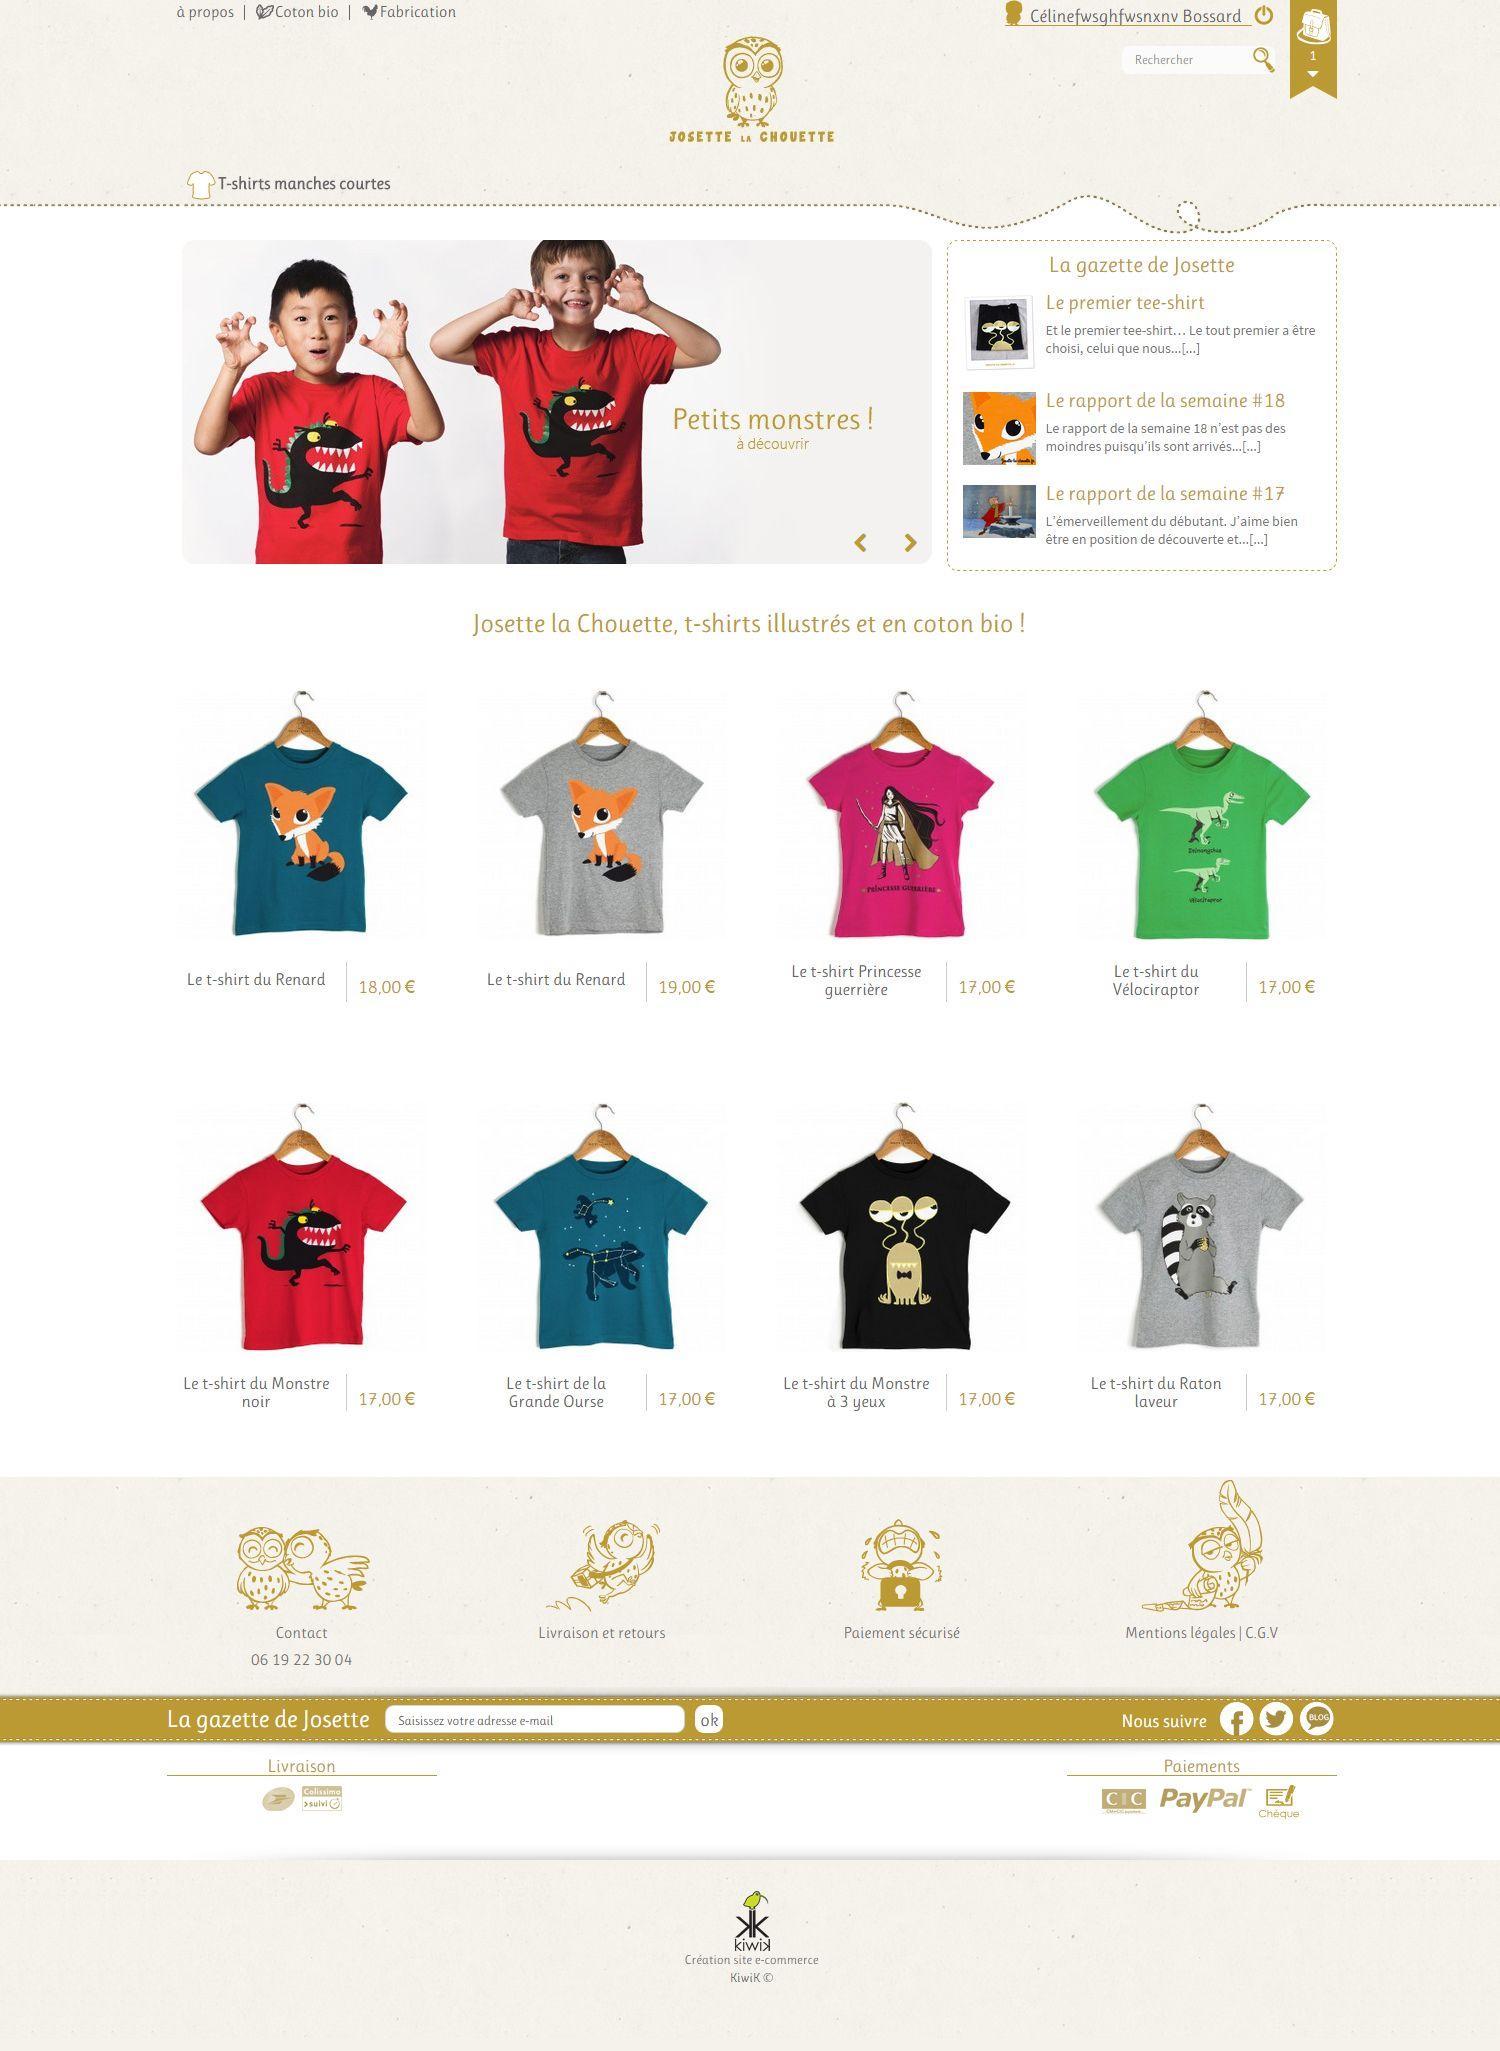 Home page du #site #ecommerce #Prestashop  http://www.josette-la-chouette.fr/, vente en ligne de t-shirts illustrés et en coton #bio pour #enfants